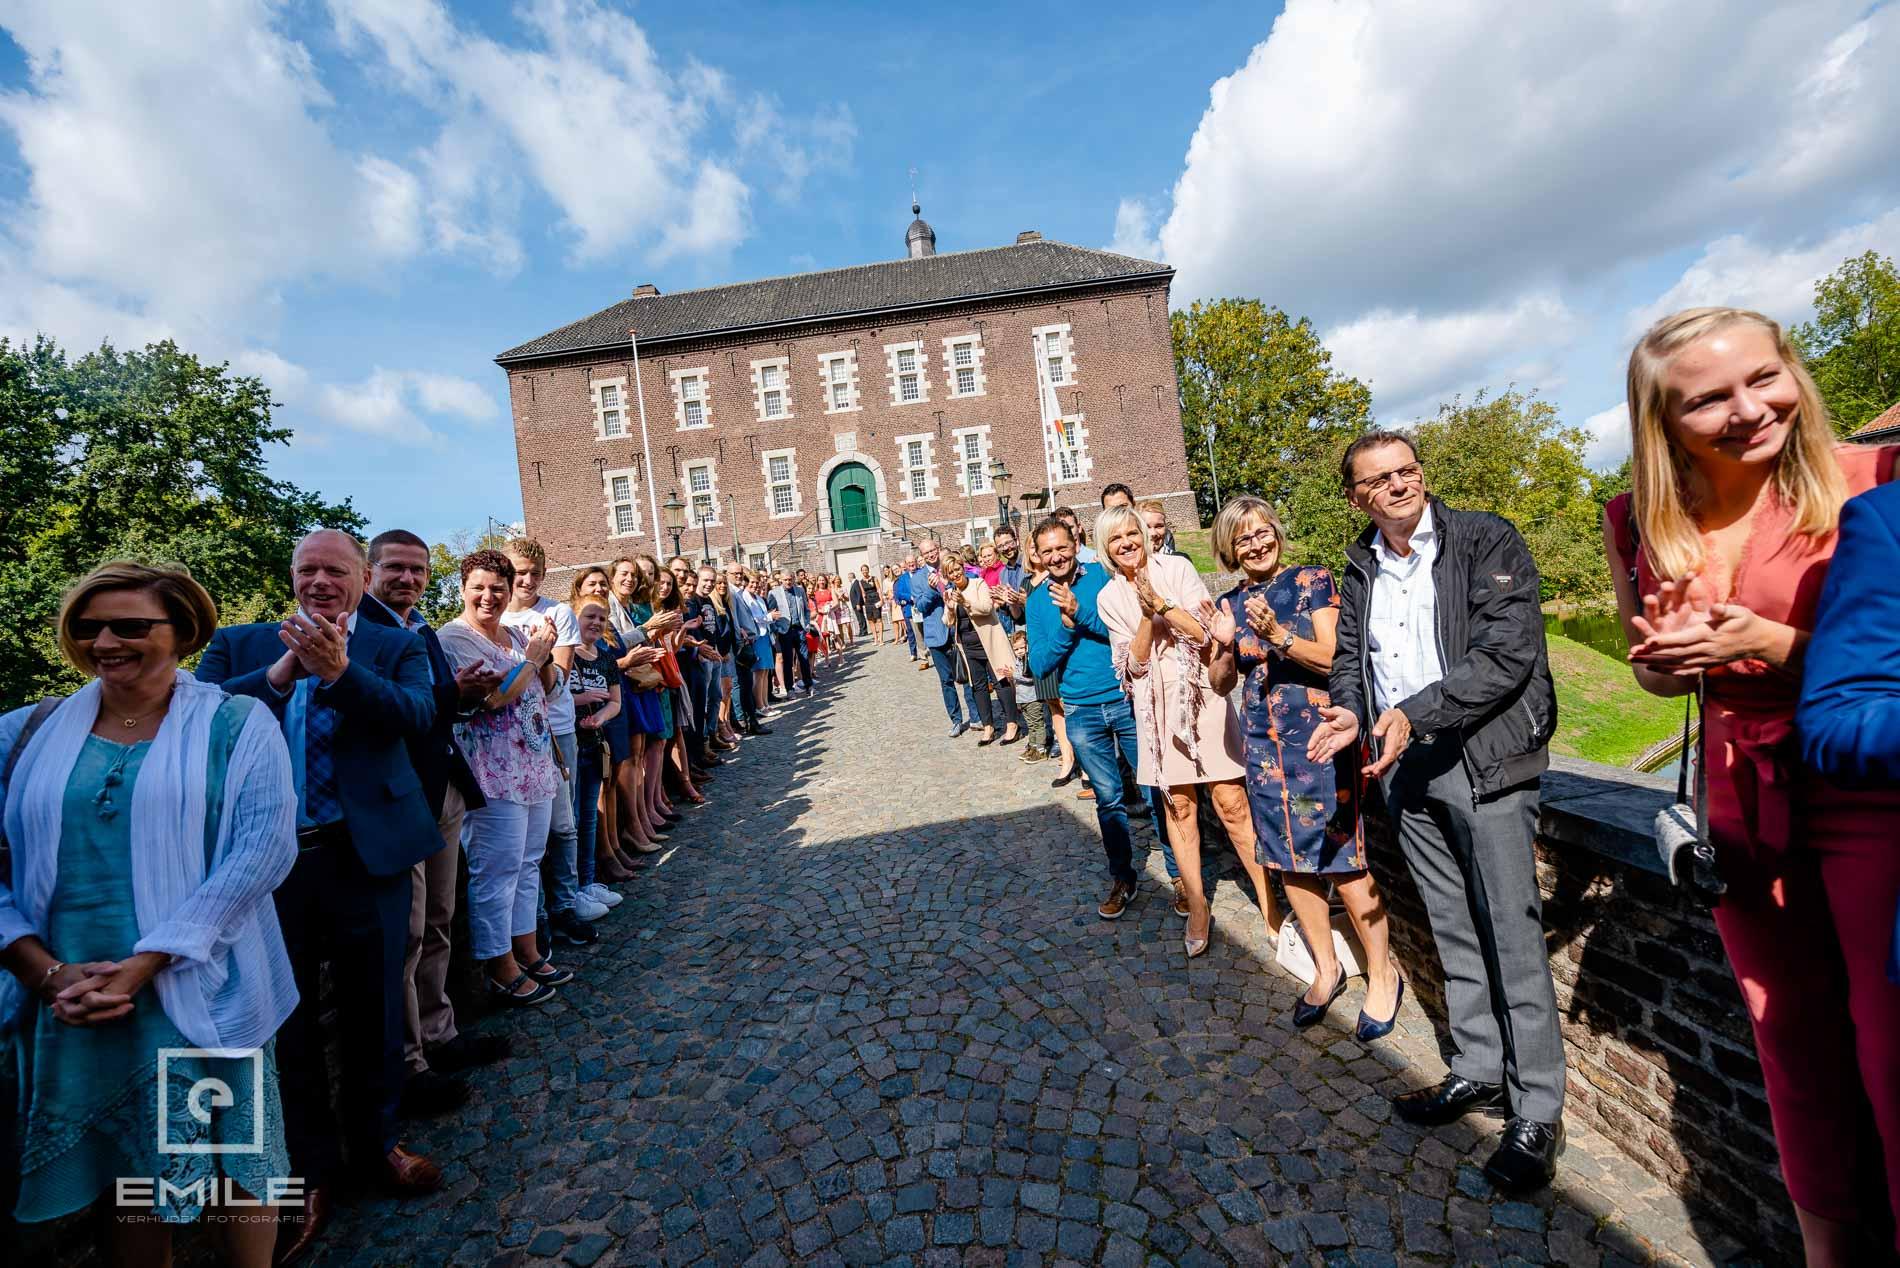 Bruidsfotograaf Kasteel Limbricht bezoekers staan in een ere haag